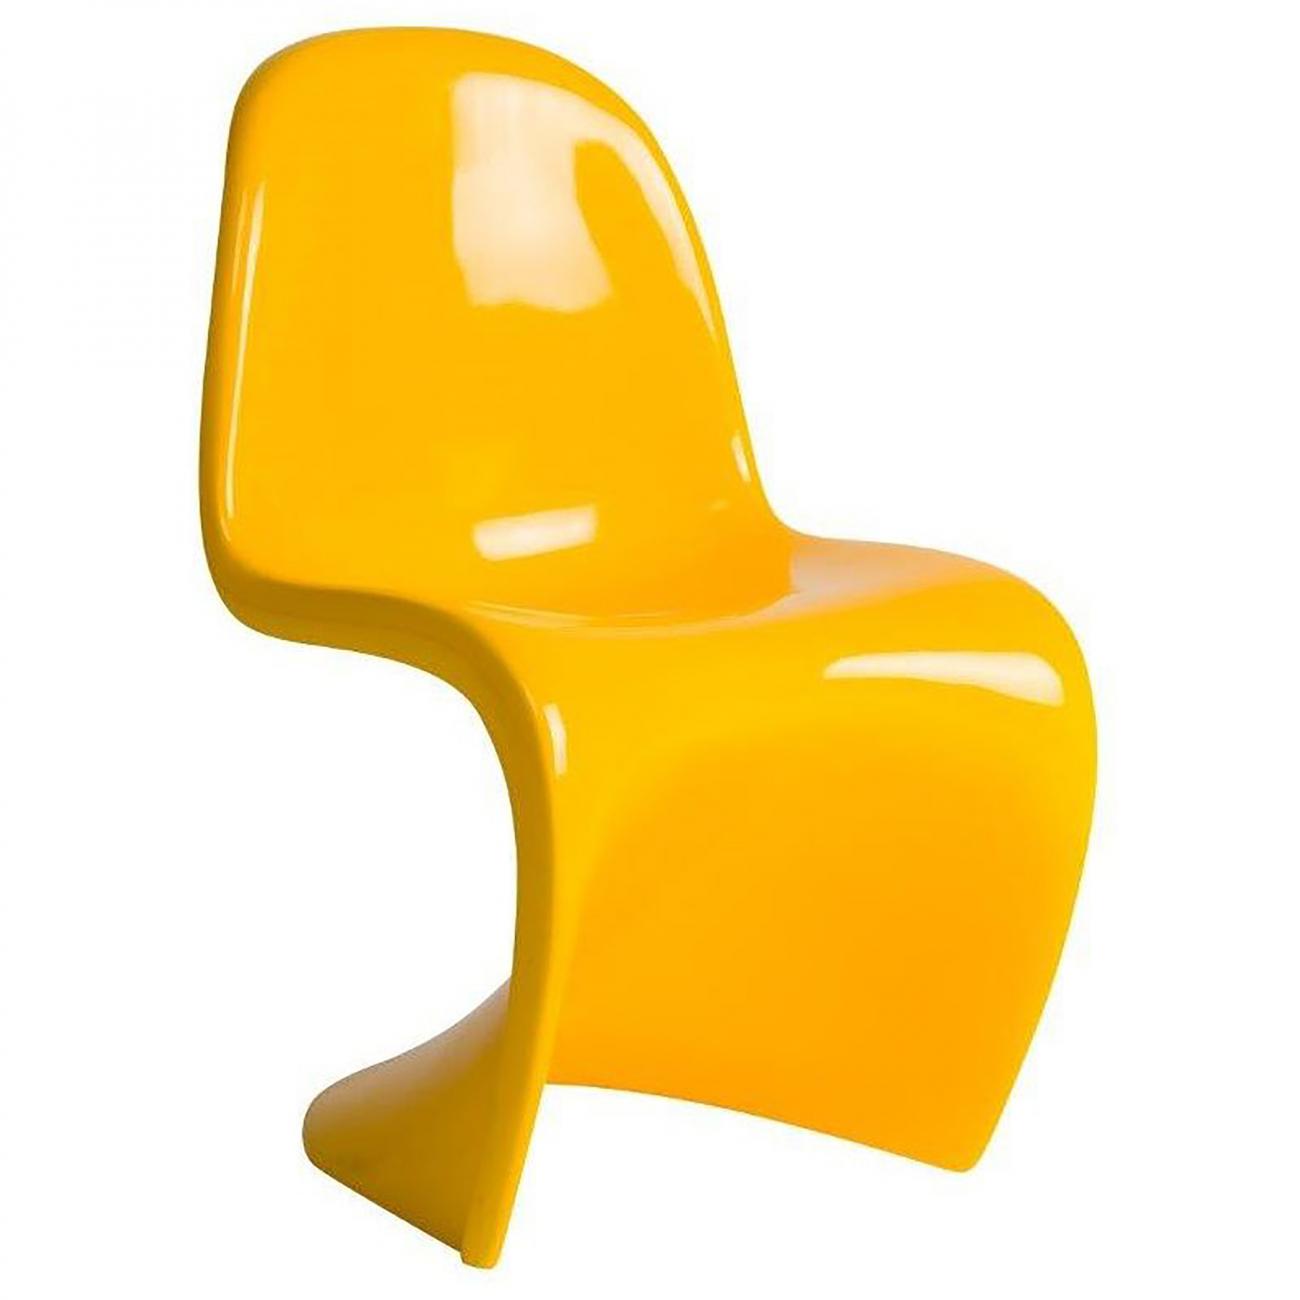 Купить Детский стул Pantone Желтый в интернет магазине дизайнерской мебели и аксессуаров для дома и дачи